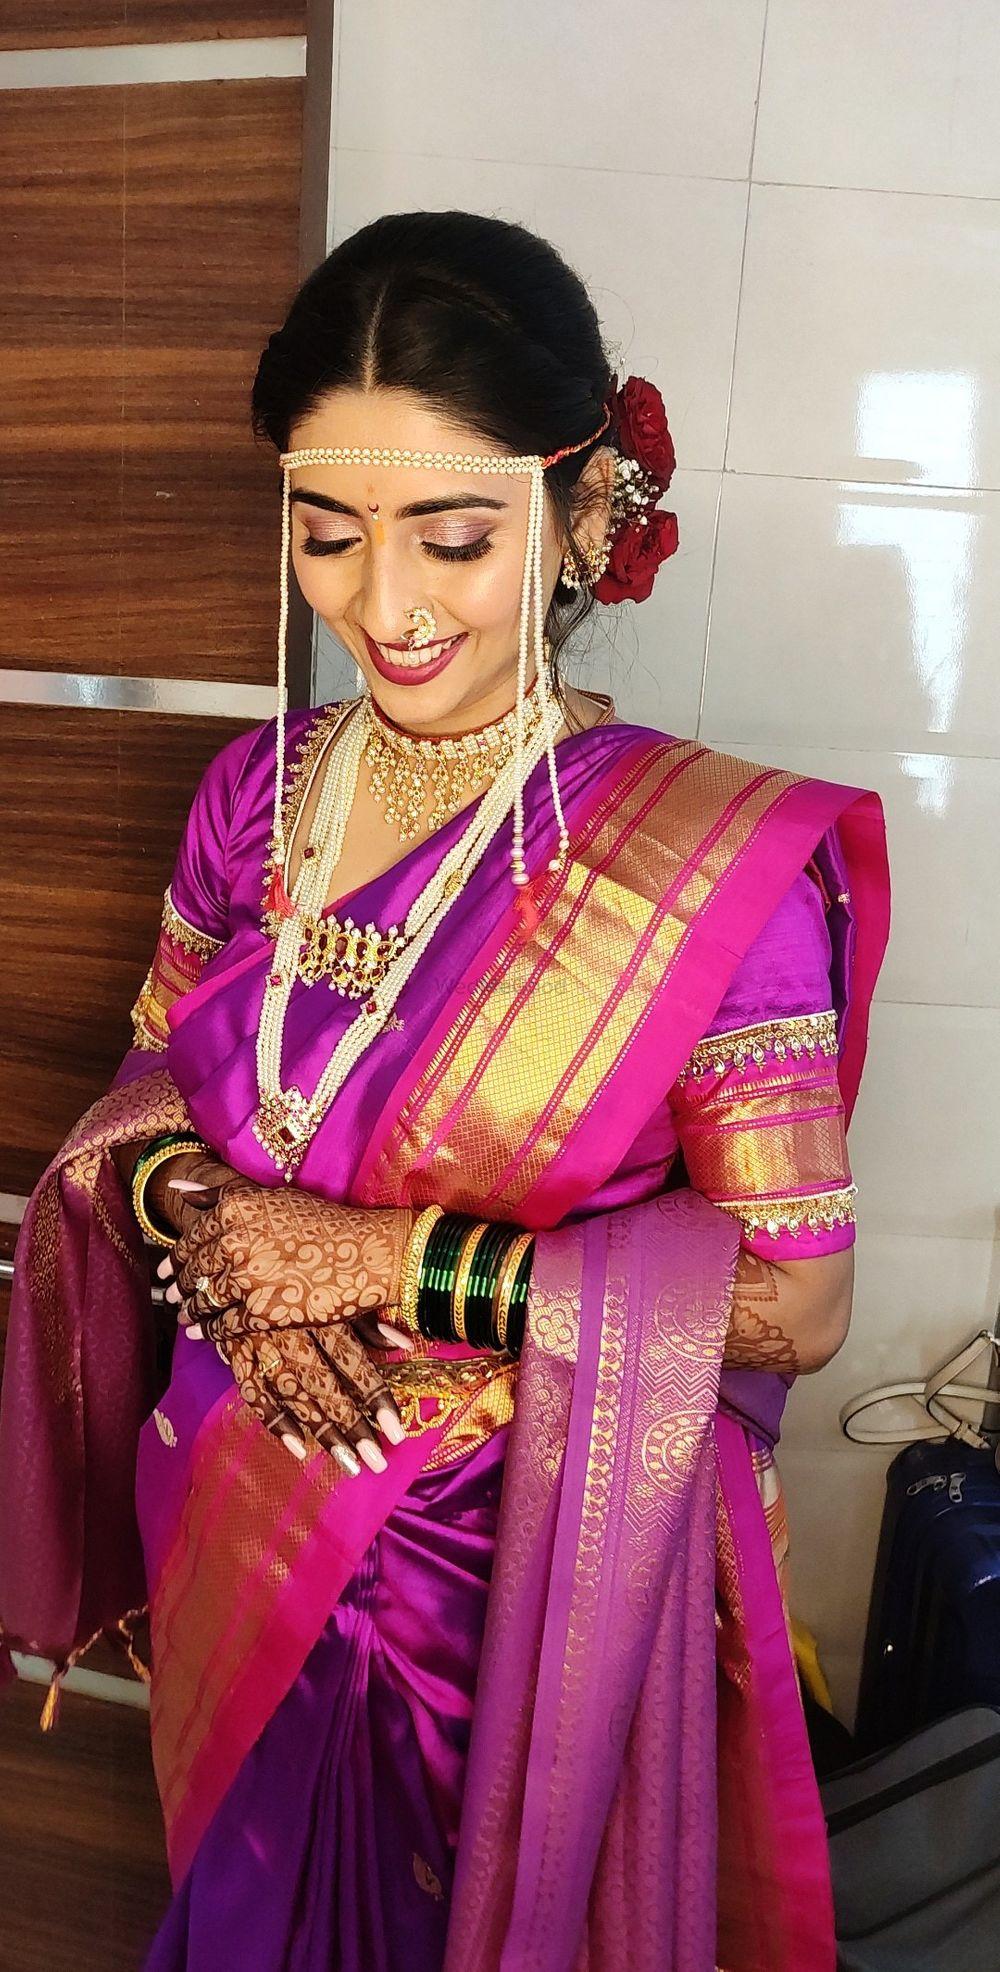 Photo From Maharashtrian Brides - By Makeup by Aboli Bavkar